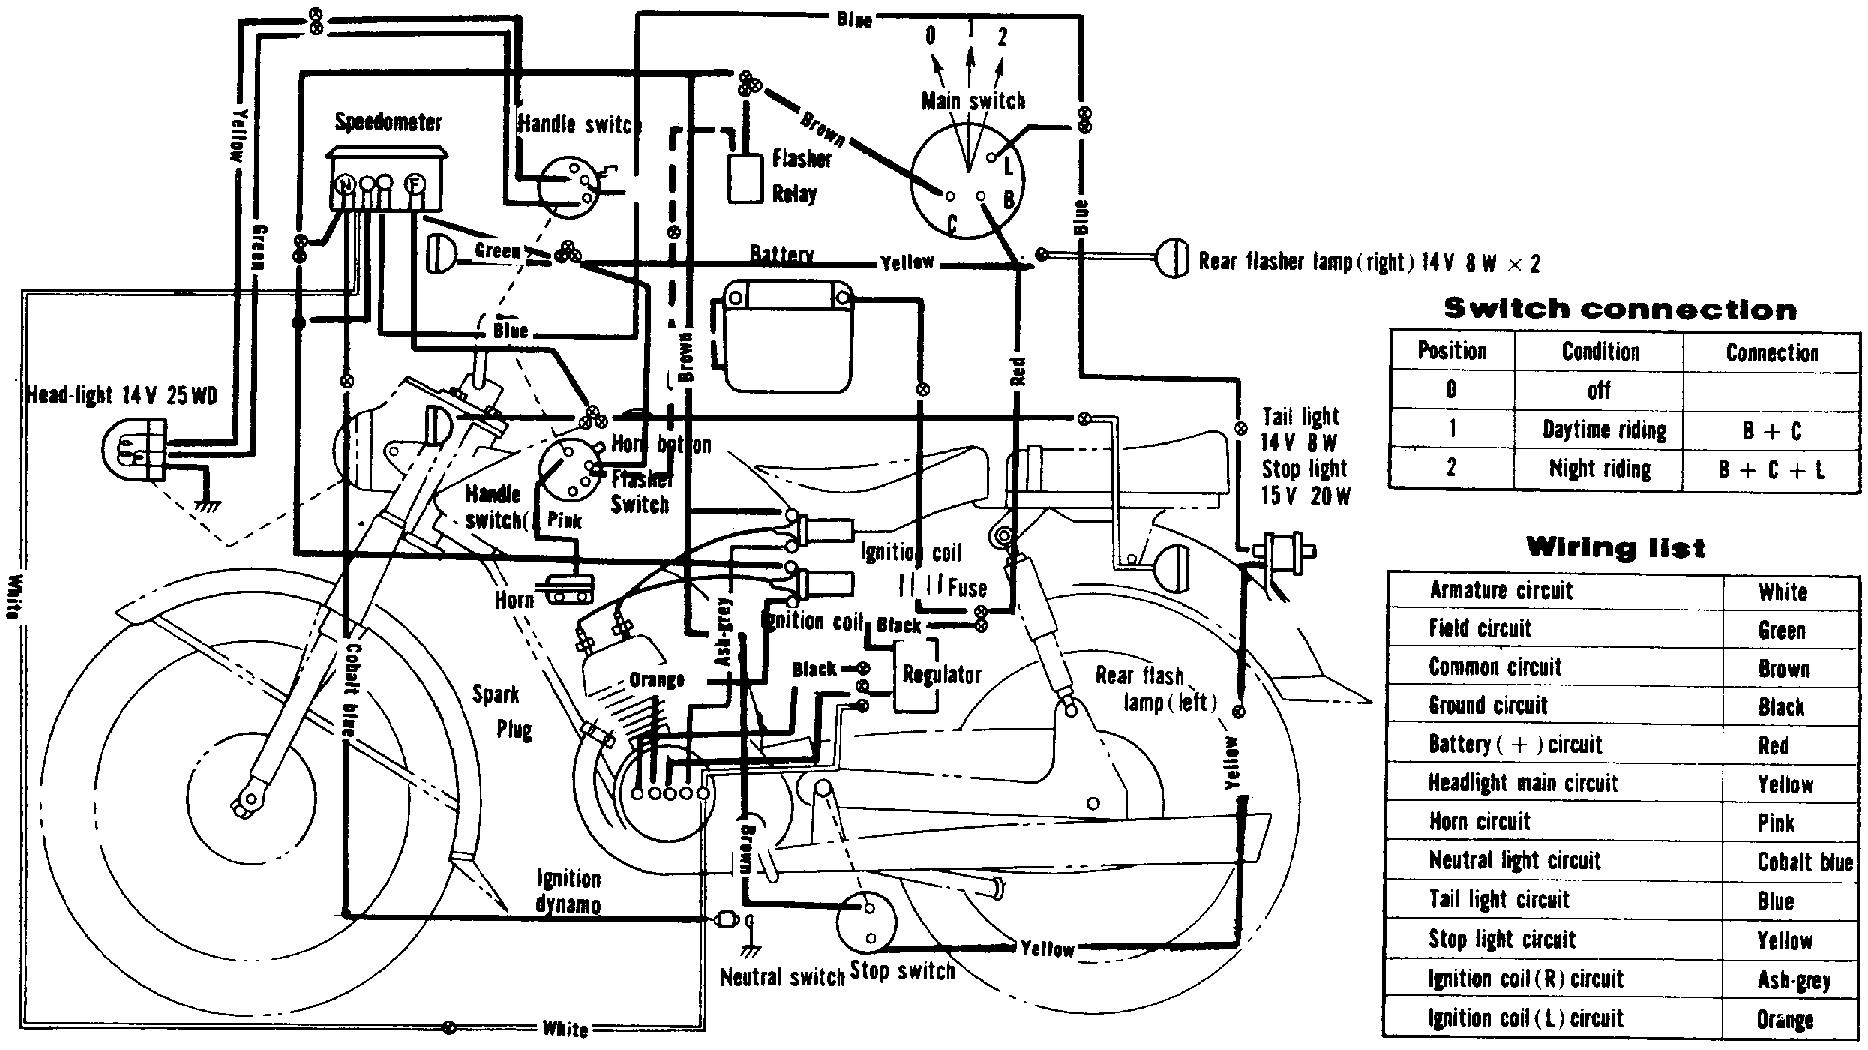 Yamaha Wiring Schematic Electrical Schematics Diagram Dt360 L2 Online For Raptor 350